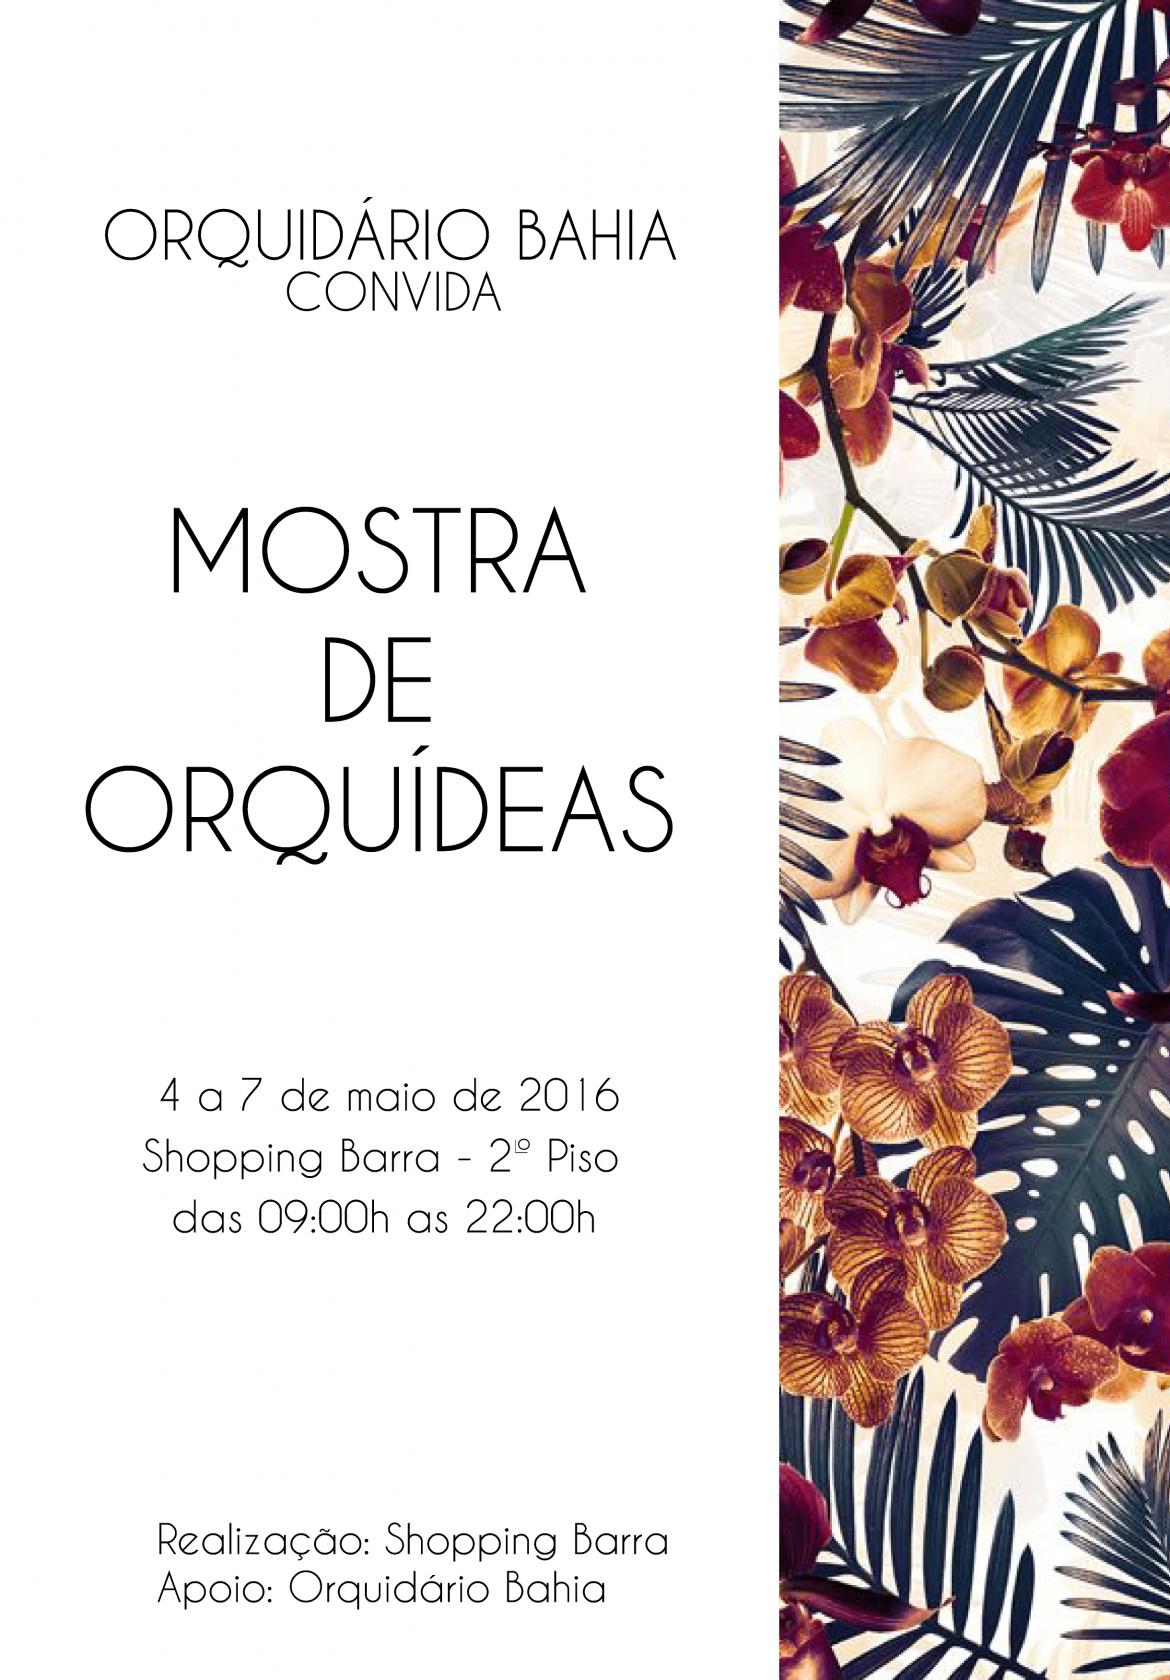 Mostra de Orquídeas no Shopping Barra